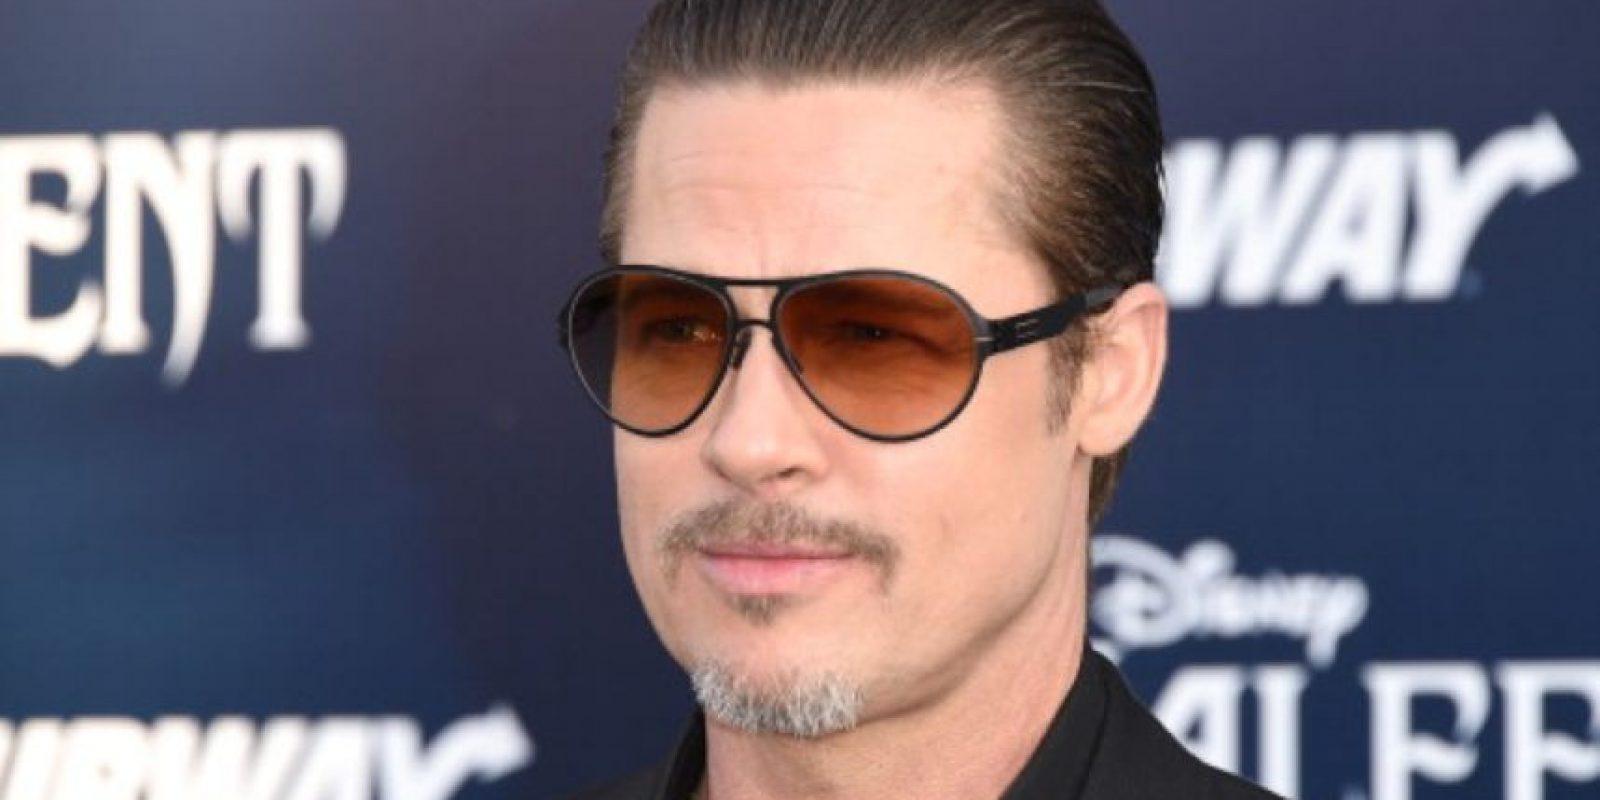 También sigue siendo hombre de familia. Foto:vía Getty Images